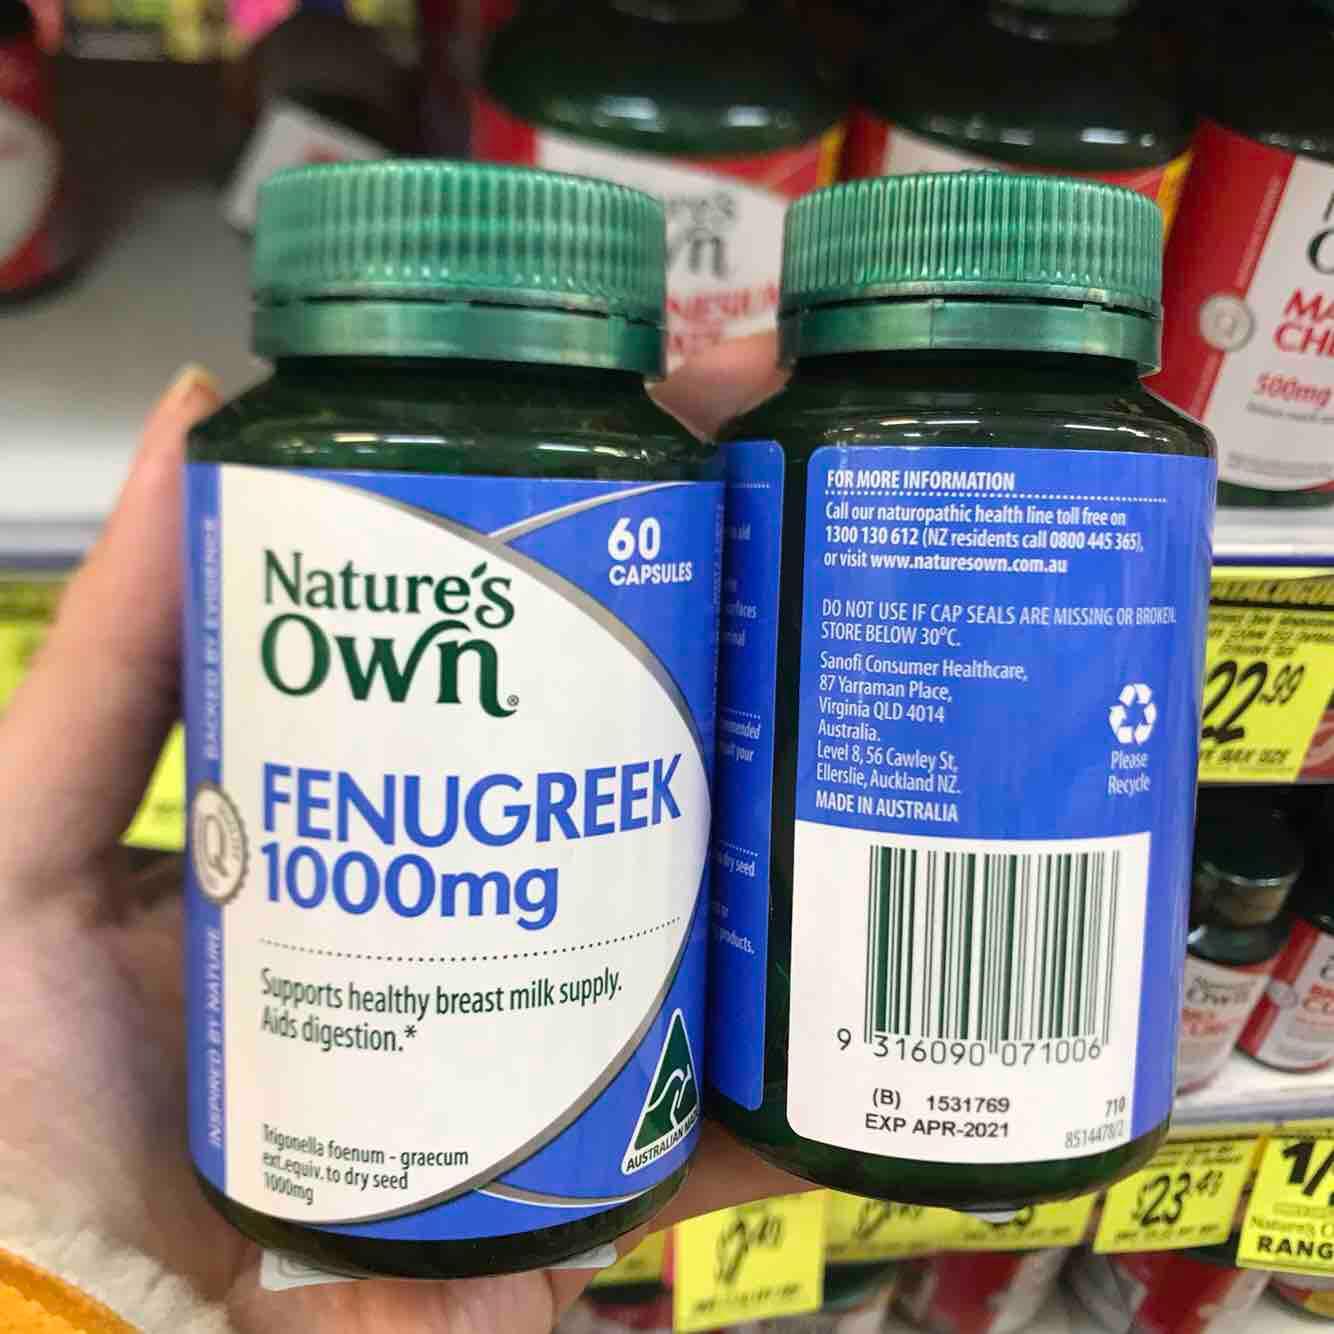 Viên uống lợi sữa cho Mẹ Natures Own - Fenugreek 60 viên - Hàng Úc nhập khẩu